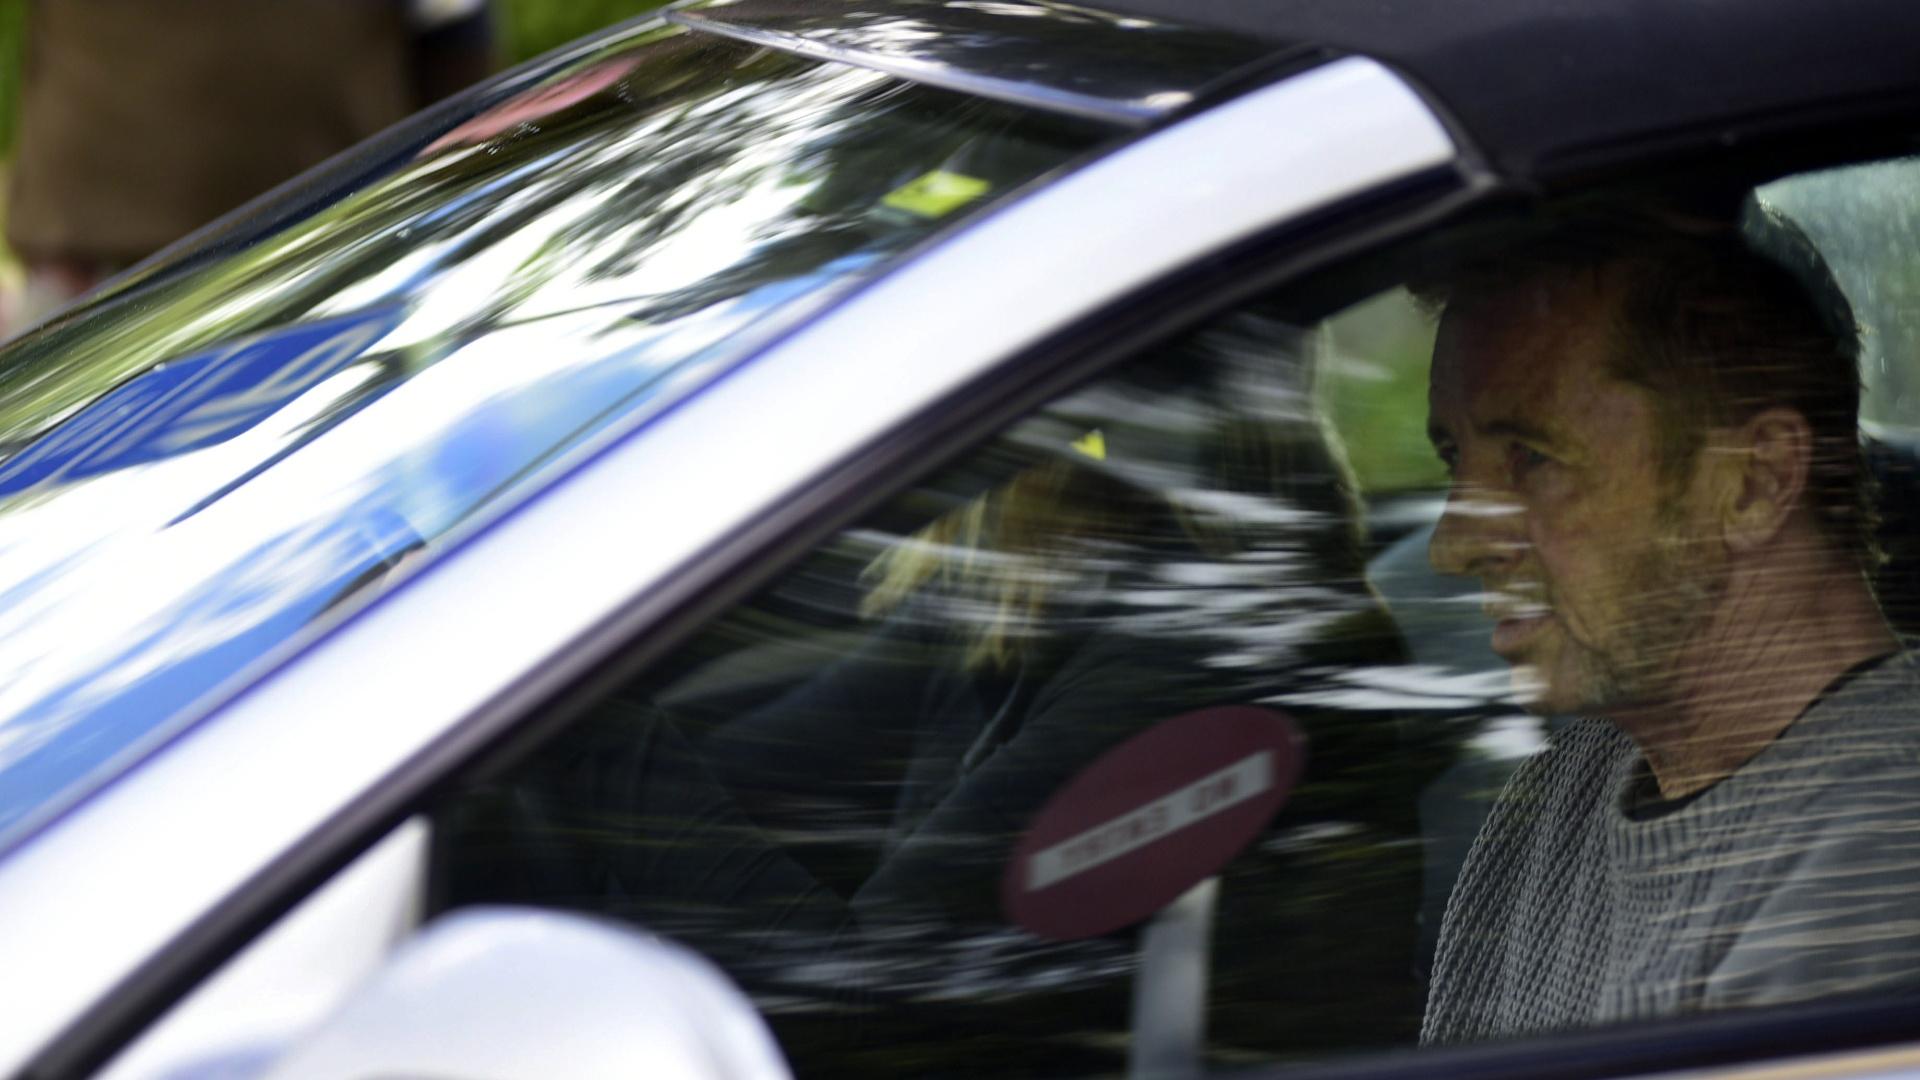 6.nov.2014 - O baterista da banda de rock AC/DC, Phil Rudd, deixa o tribunal em Tauranga (Nova Zelândia), na manhã desta quinta-feira (6). Rudd irá a julgamento pela acusação de ordenar o assassinato de duas pessoas na Nova Zelândia. A acusação ainda é agravada por posse de drogas. Rudd pagou fiança e vai aguardar o julgamento em liberdade